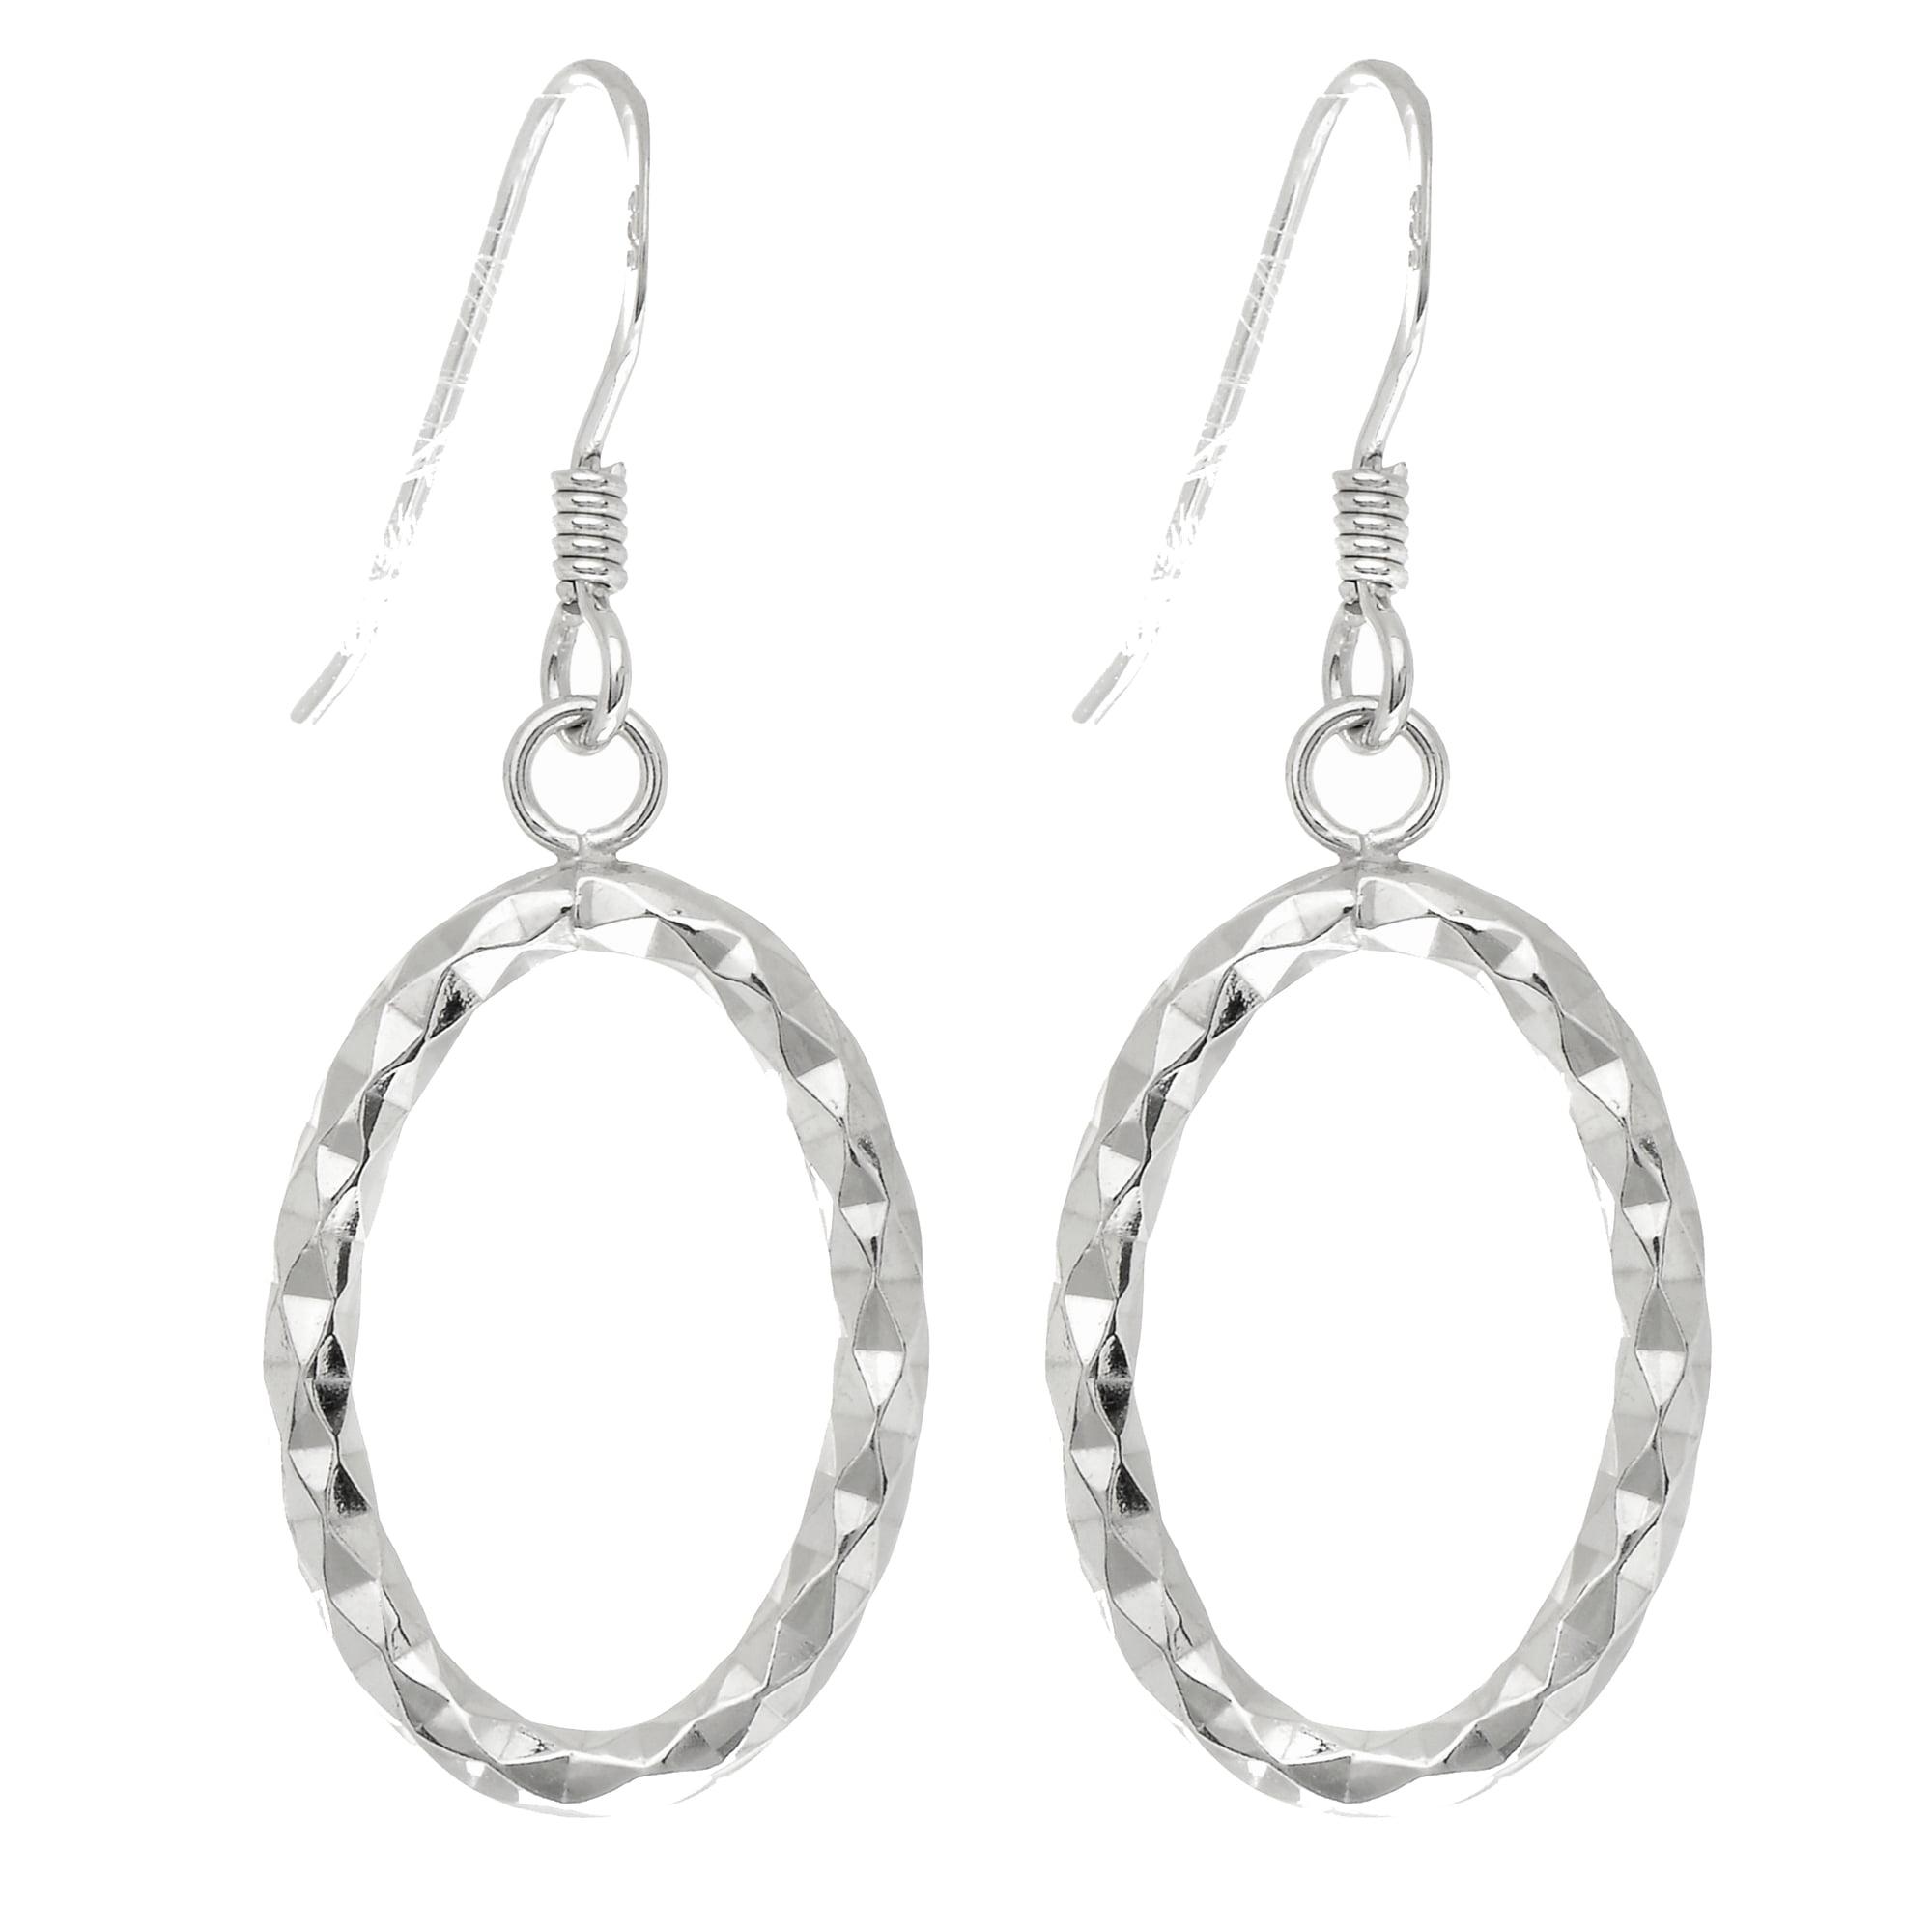 Sterling Silver Rhodium Finish Fancy Oval Dangle Earrings - 32.5 x 12 mm